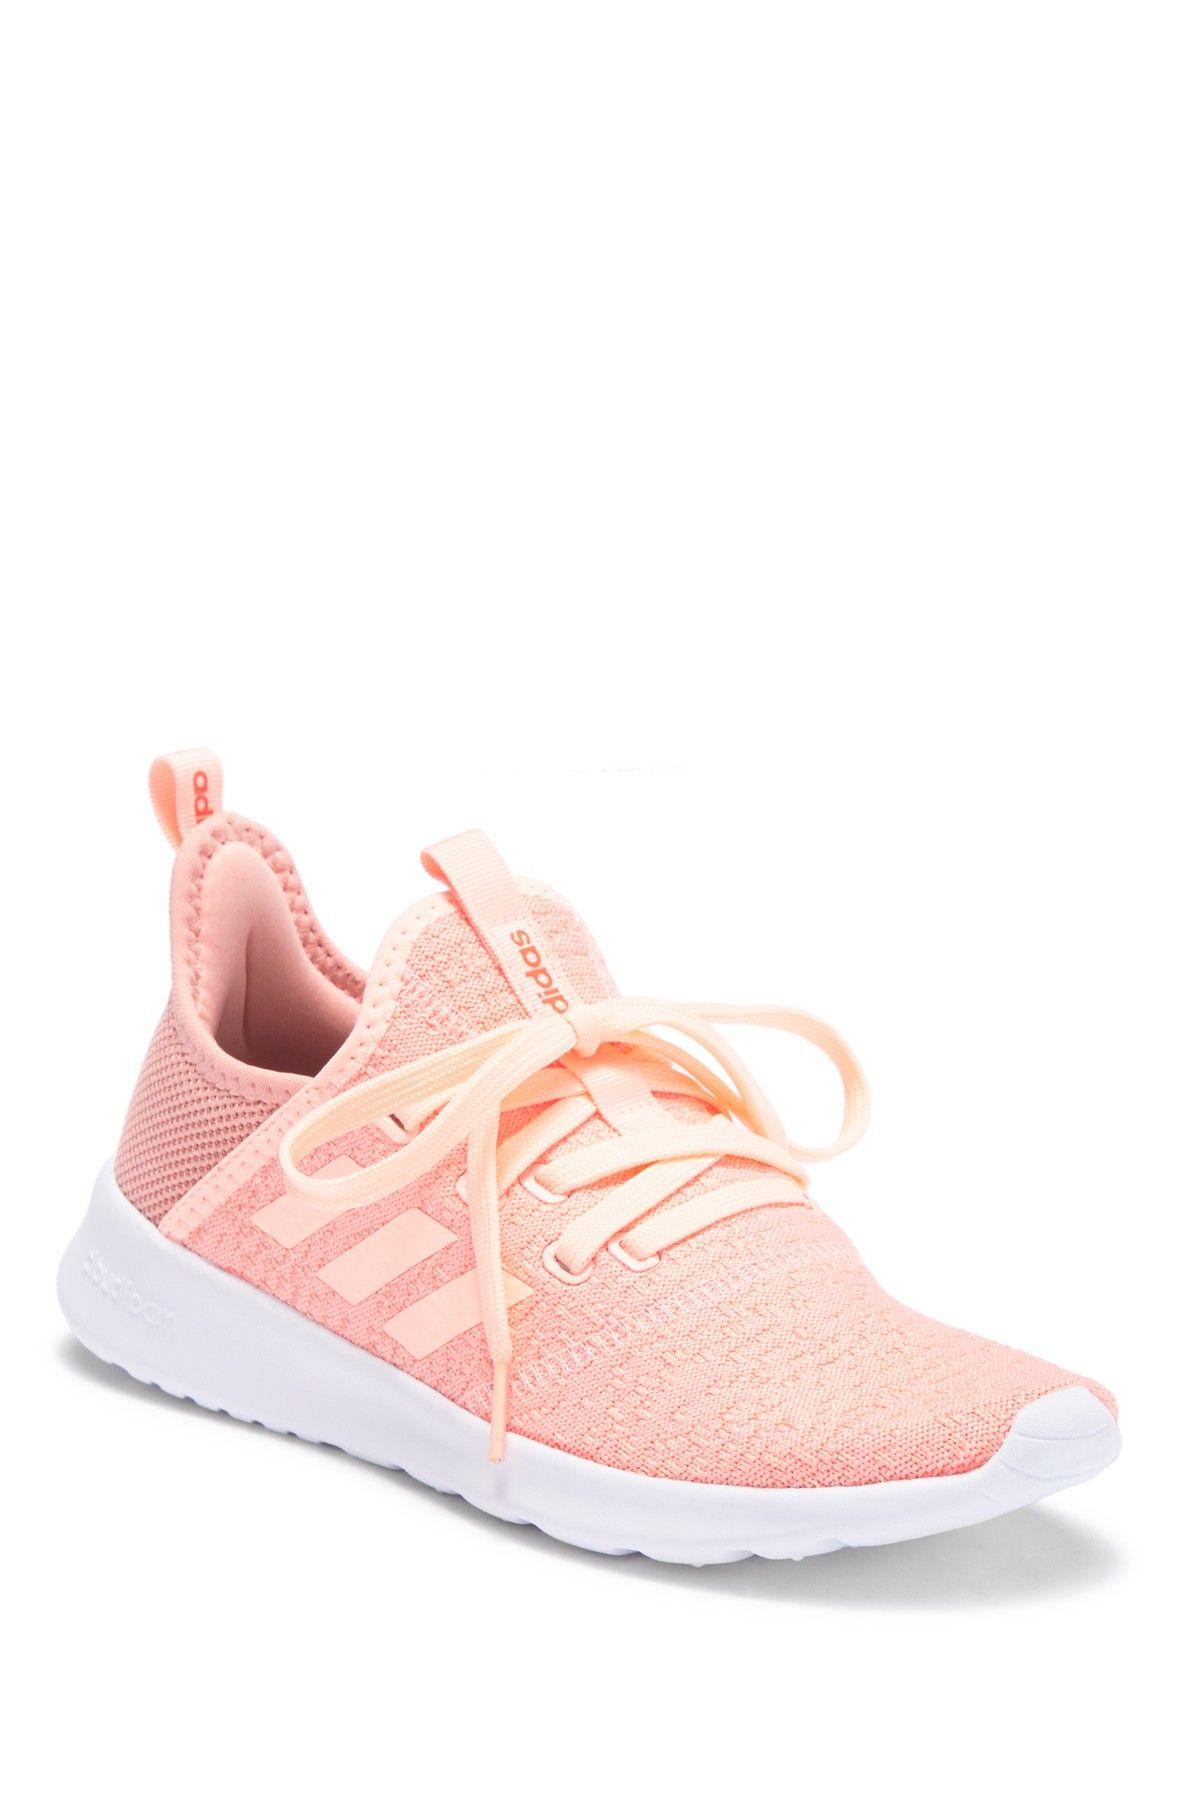 adidas | Cloudfoam Pure Sneaker | Sneakers, Pink tennis ...